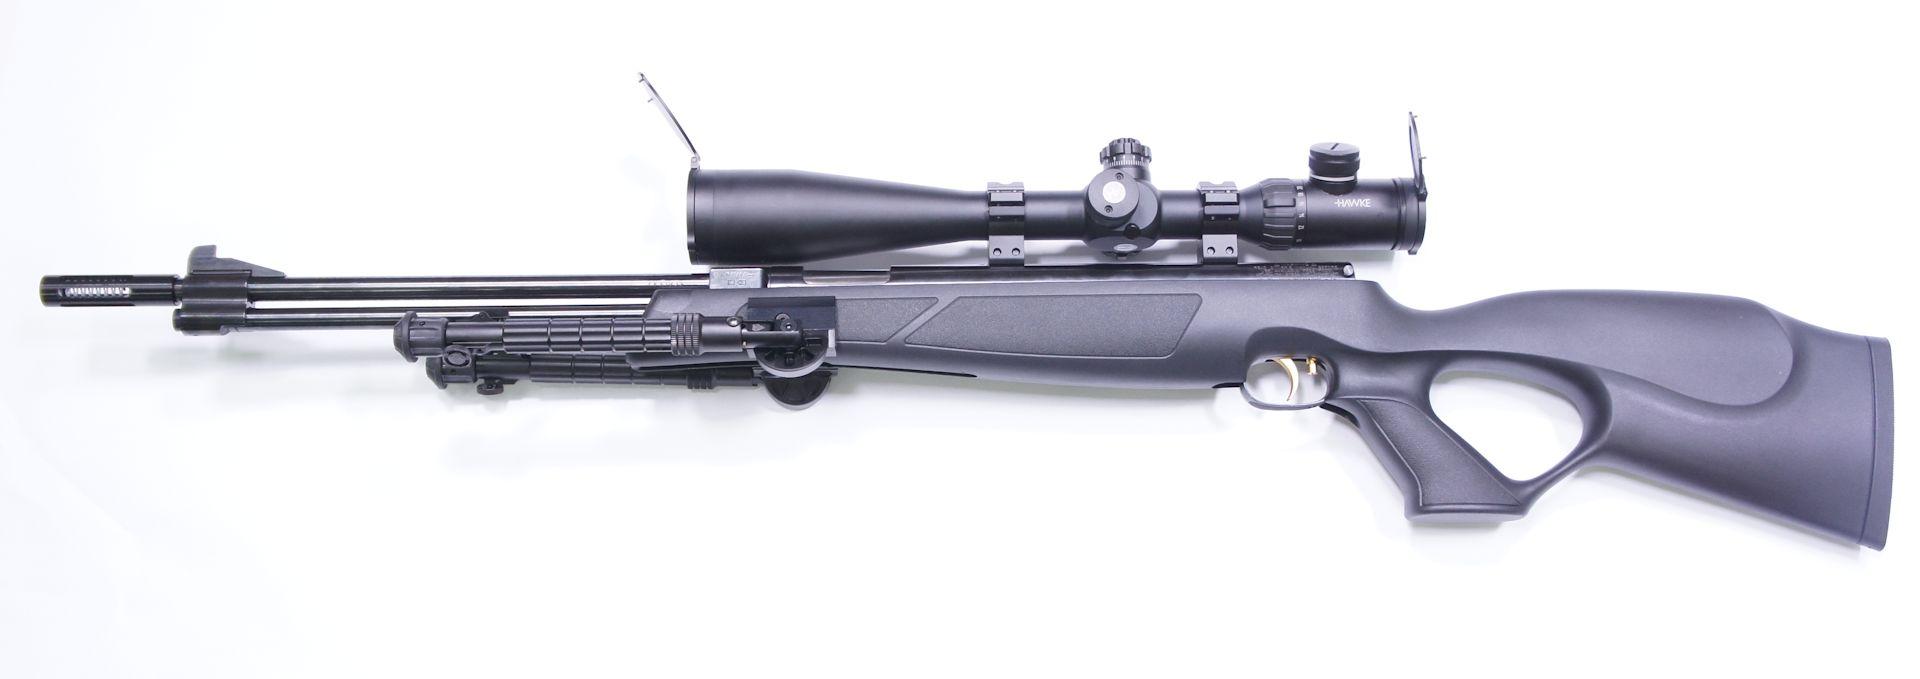 Dieses Bild mit <a href=1130173.htm> Zielfernrohr Hawke AIRMAX 30 SF Modell 8-32x50 SF</a> zeigt die sehr gute Optik für das Field Target schießen und auch ein passendes Zweibein.